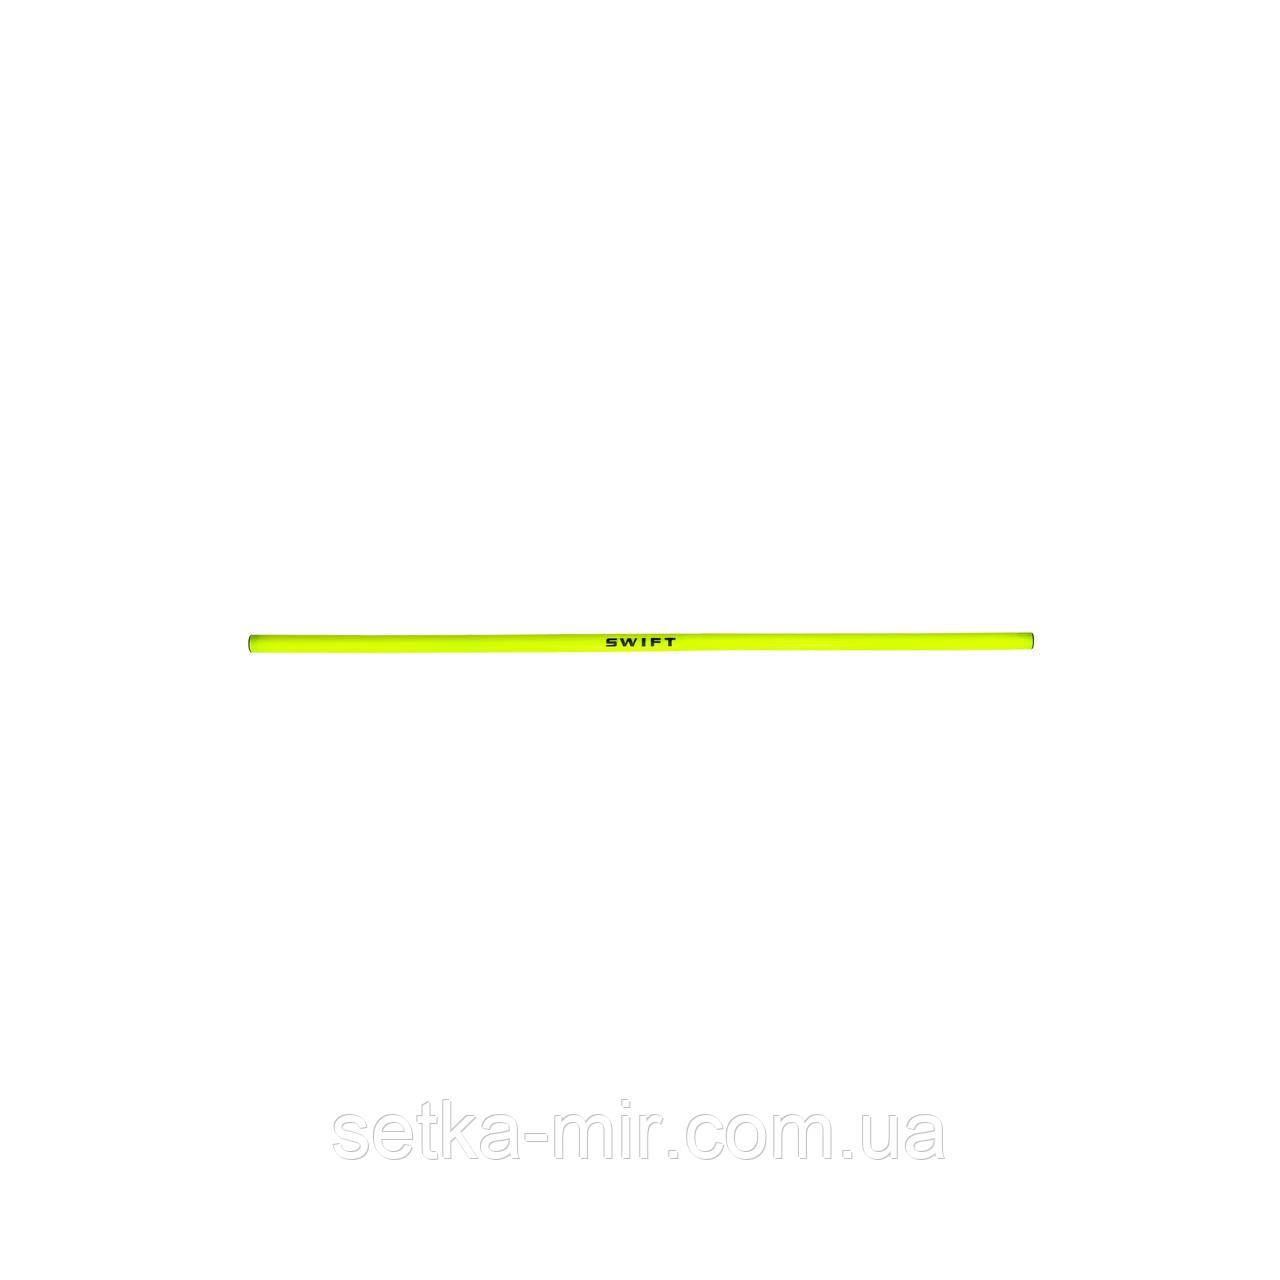 Палка гимнастическая SWIFT Training Pole 152 см